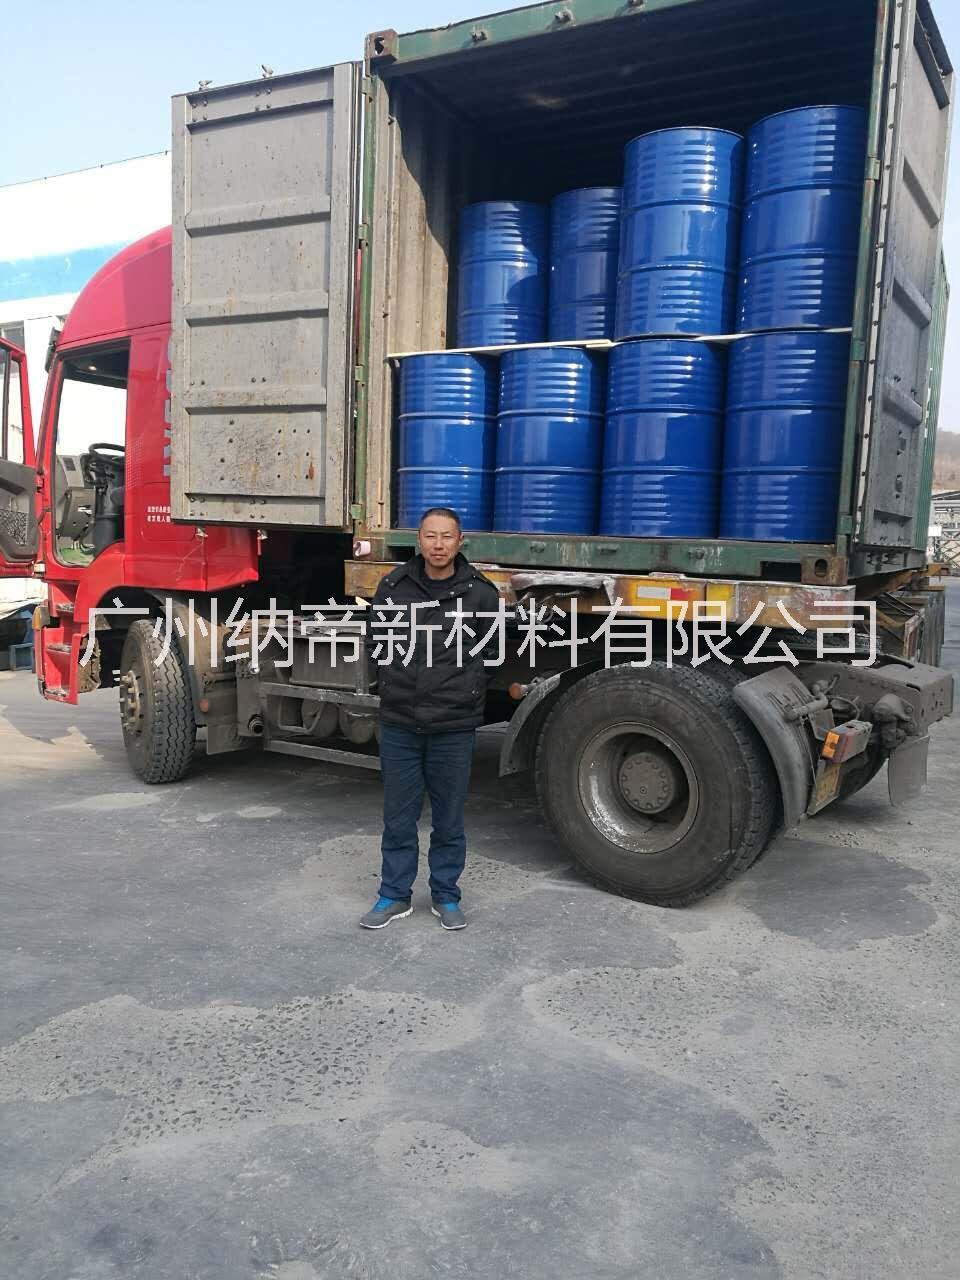 乙二醇二乙酸酯EGDA溶剂 沸程稳定 EGDA溶剂适用树脂工业 清洗剂有良好的相溶性